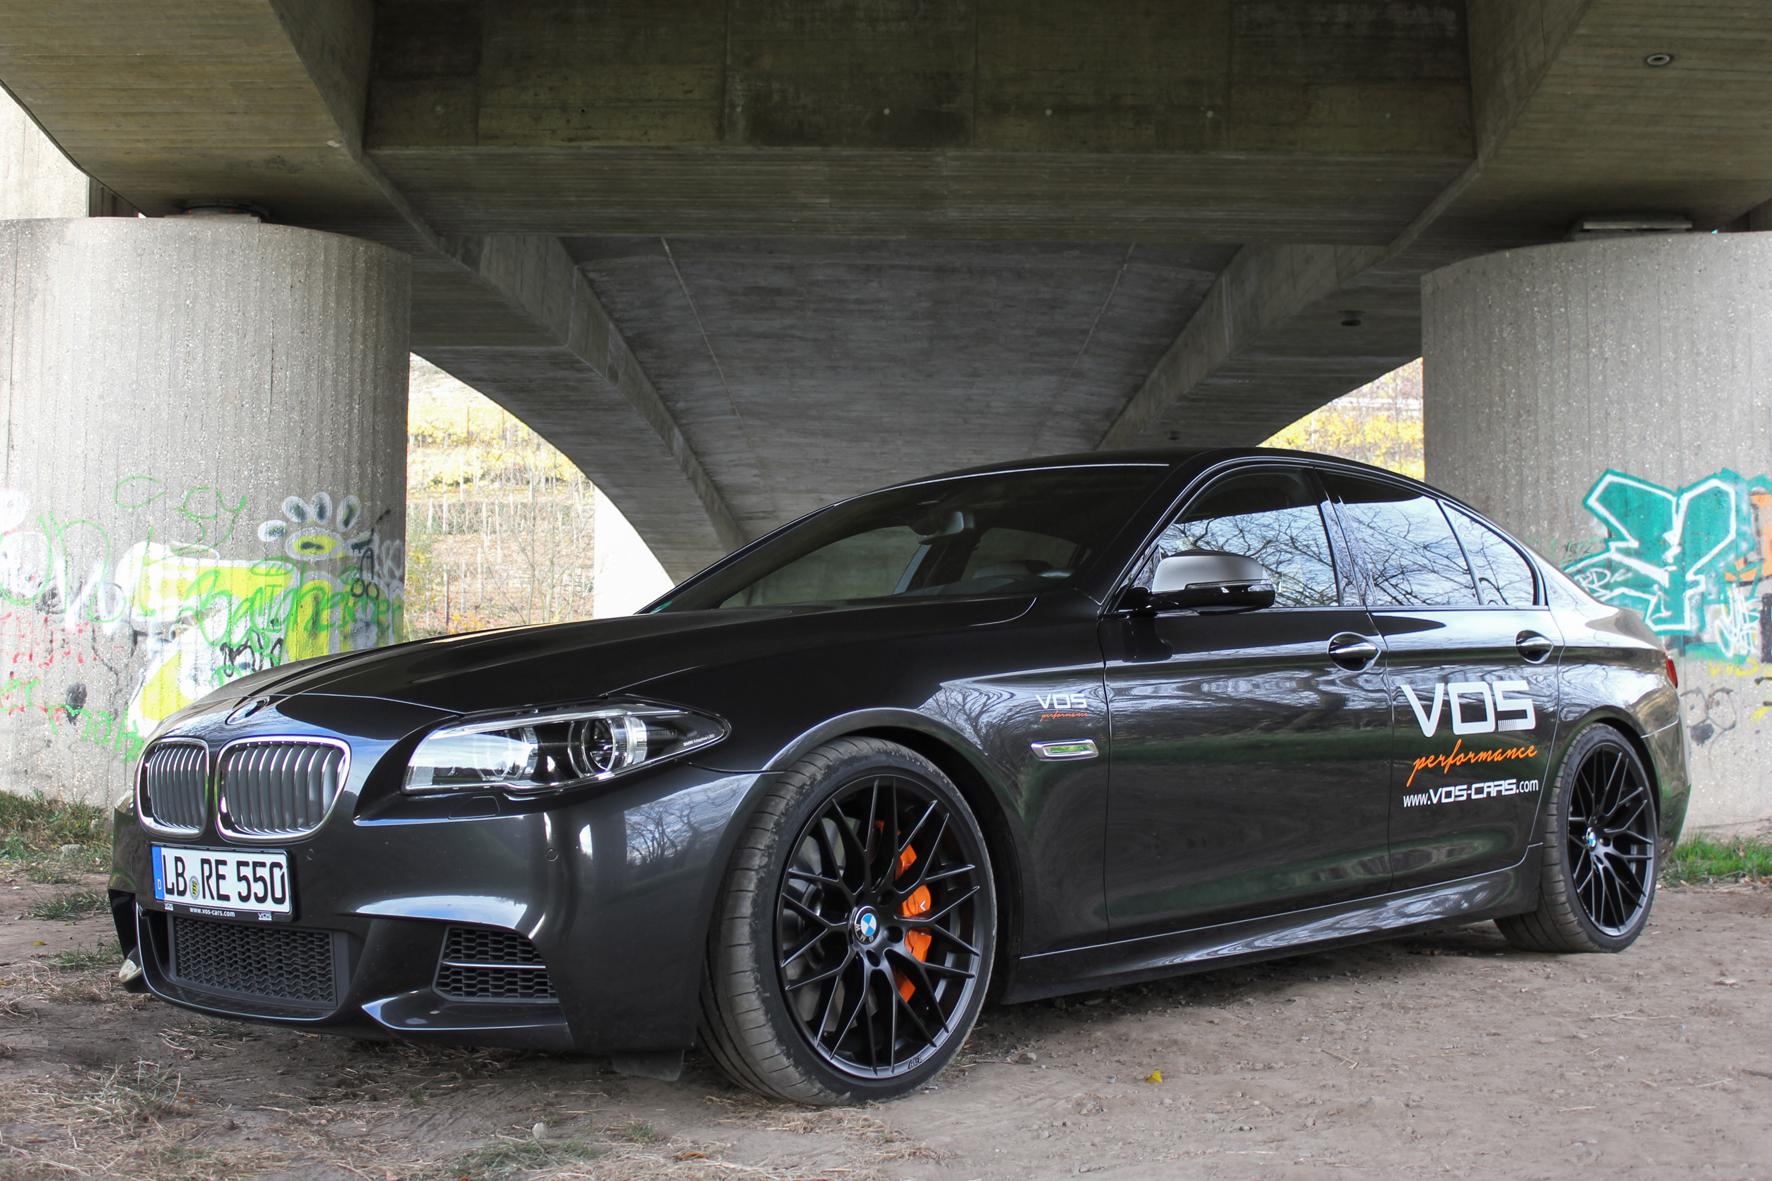 mid Düsseldorf - Tuner VOS verpasst dem Sechszylinder des BMW M 550d ein Leistungs-Update auf 450 PS und 800 Nm Drehmoment. Das mache die Limousine zum wohl schnellsten BMW-Diesel der Welt mit einem Topspeed von mehr als 300 km/h.